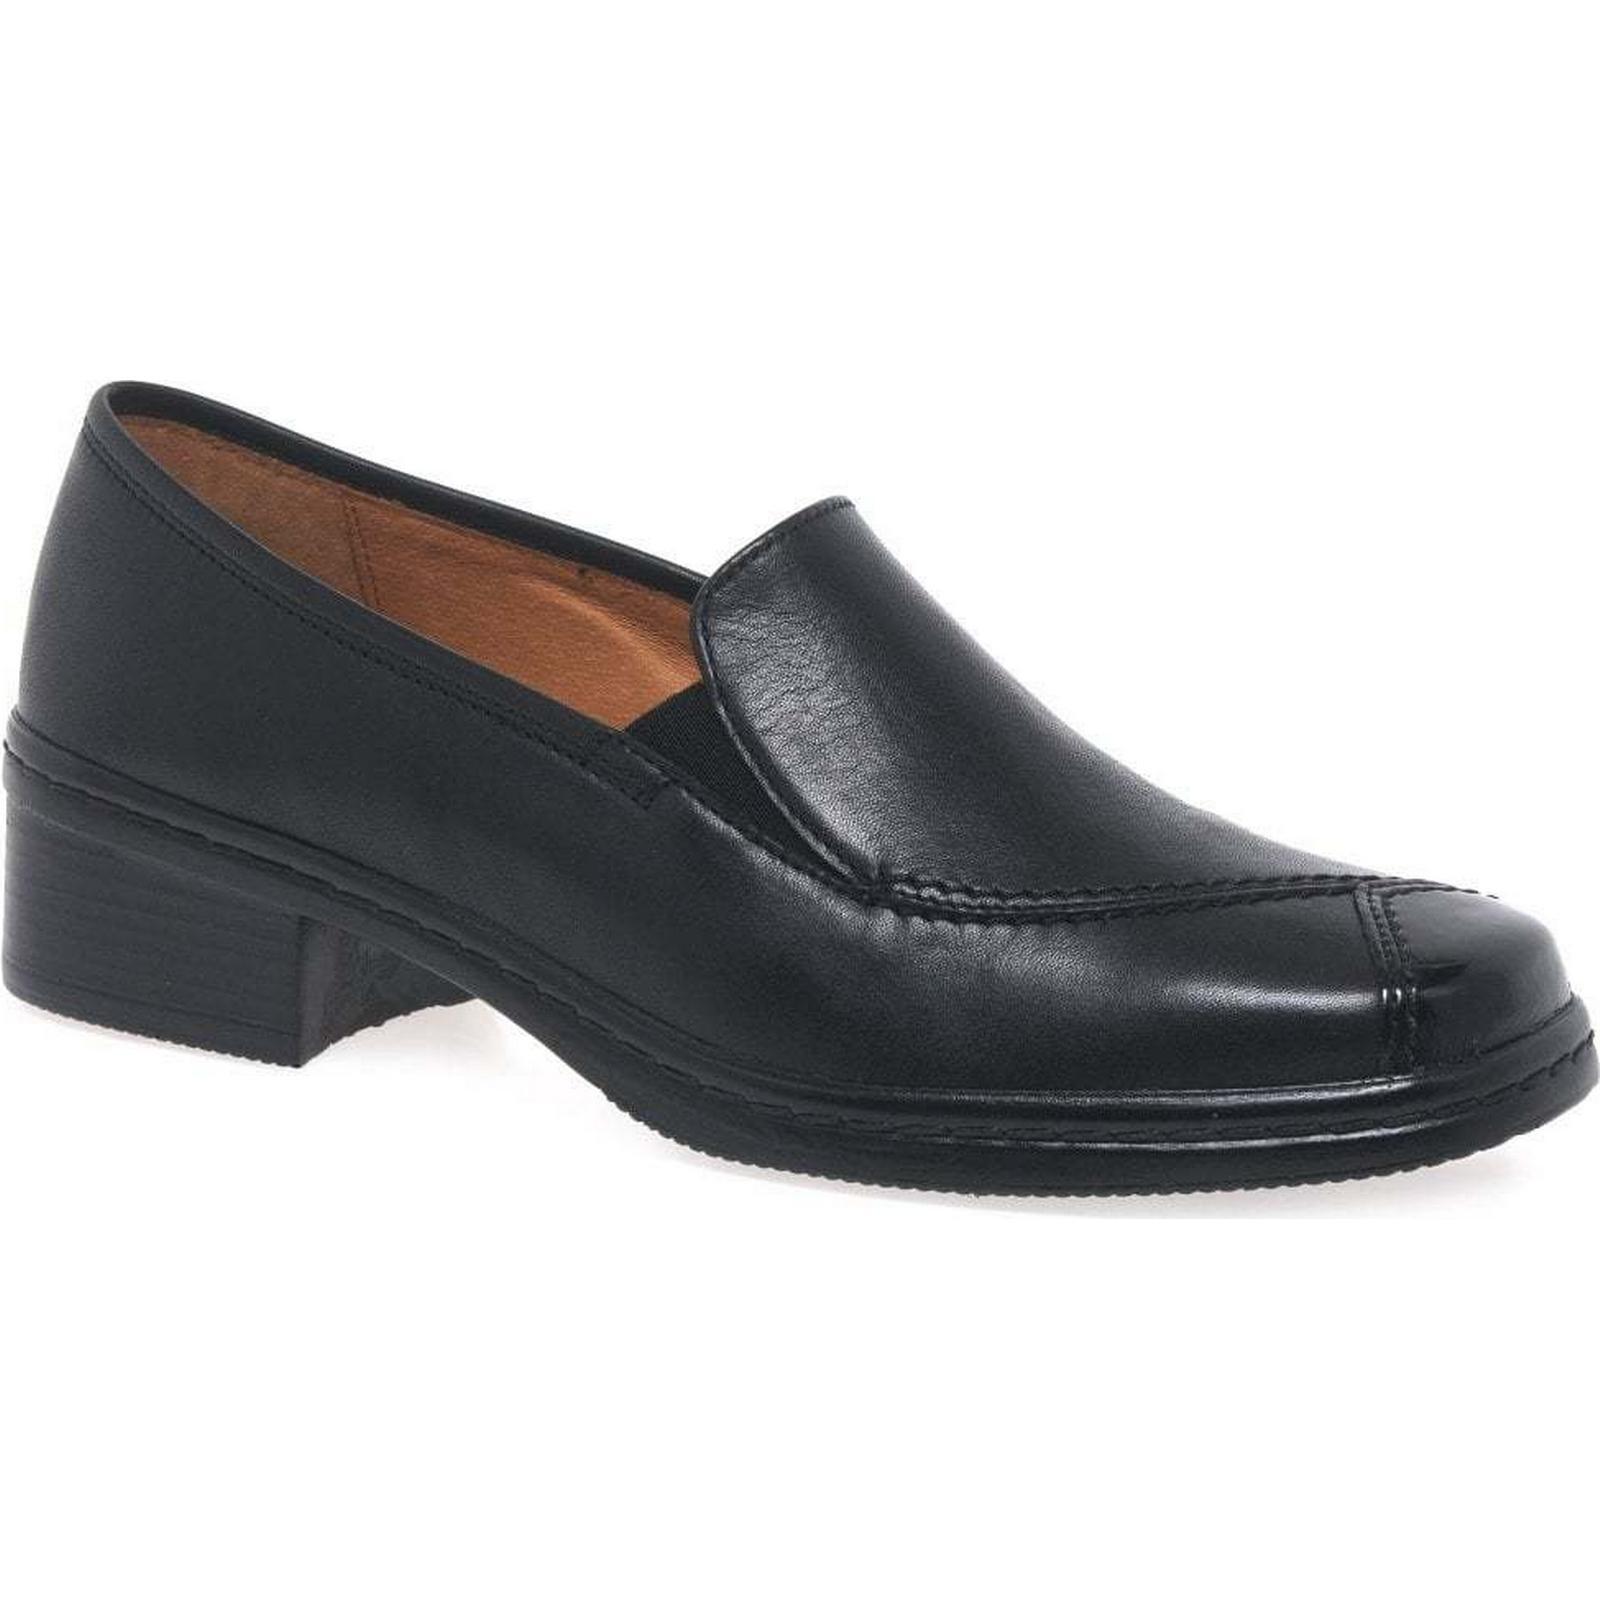 gabor frith  s souliers souliers souliers couleur: noir / brevet, taille: 15301b